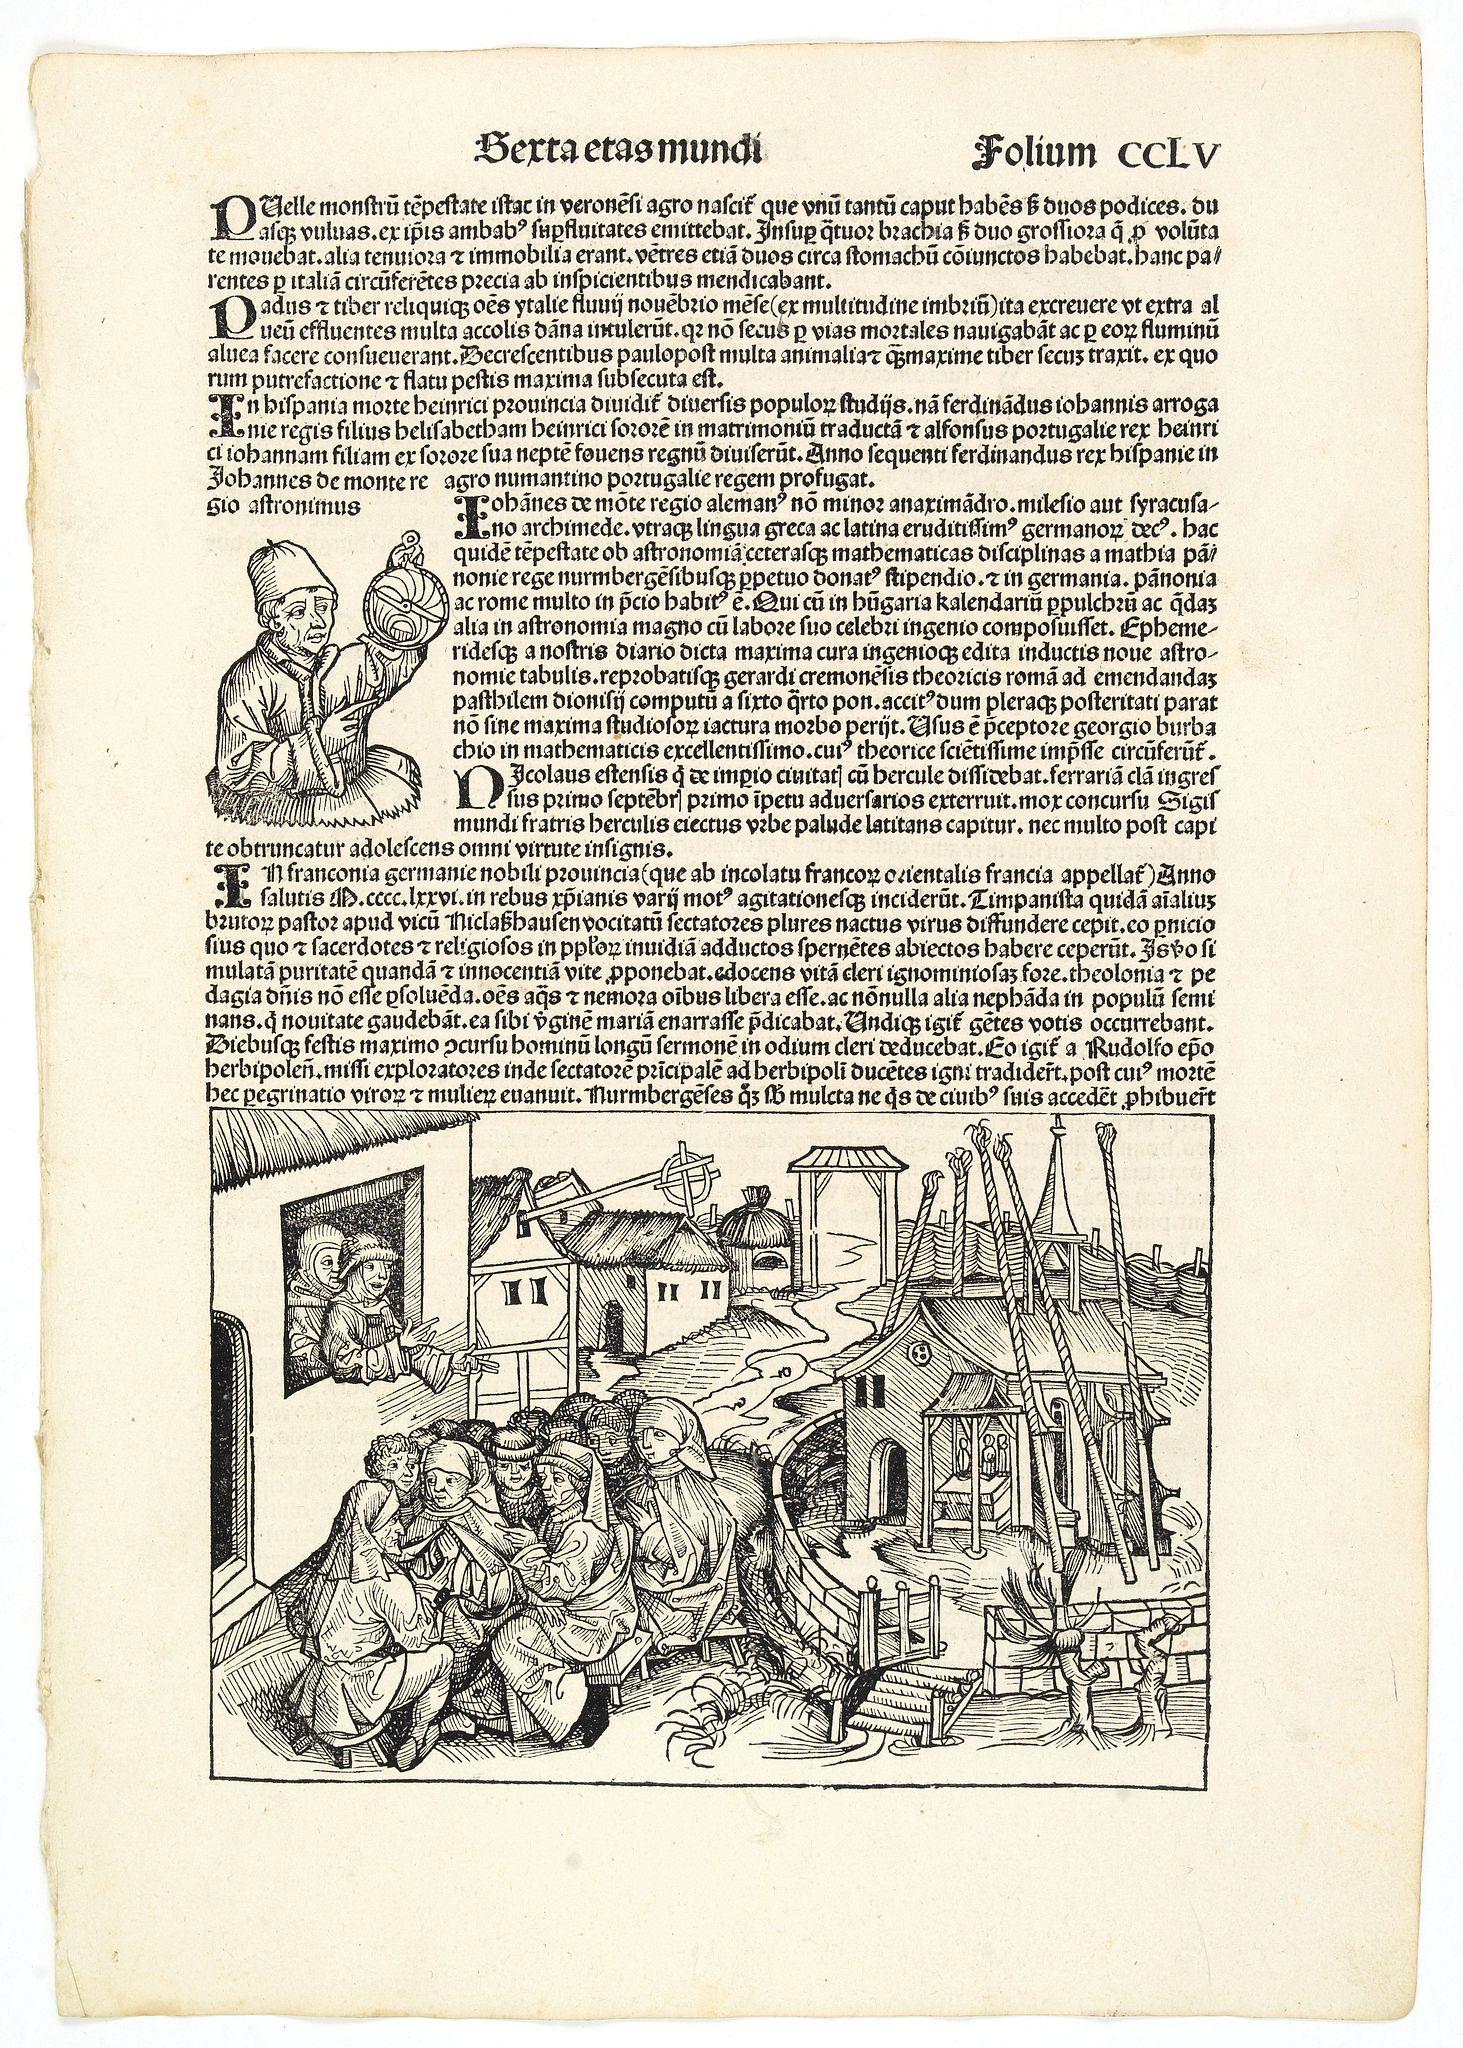 SCHEDEL, H. -  Sexta Etas Mudi. Folio CCLV. (With portret of Johannes Müller alias Regiomontanus holding a Astrolabe.